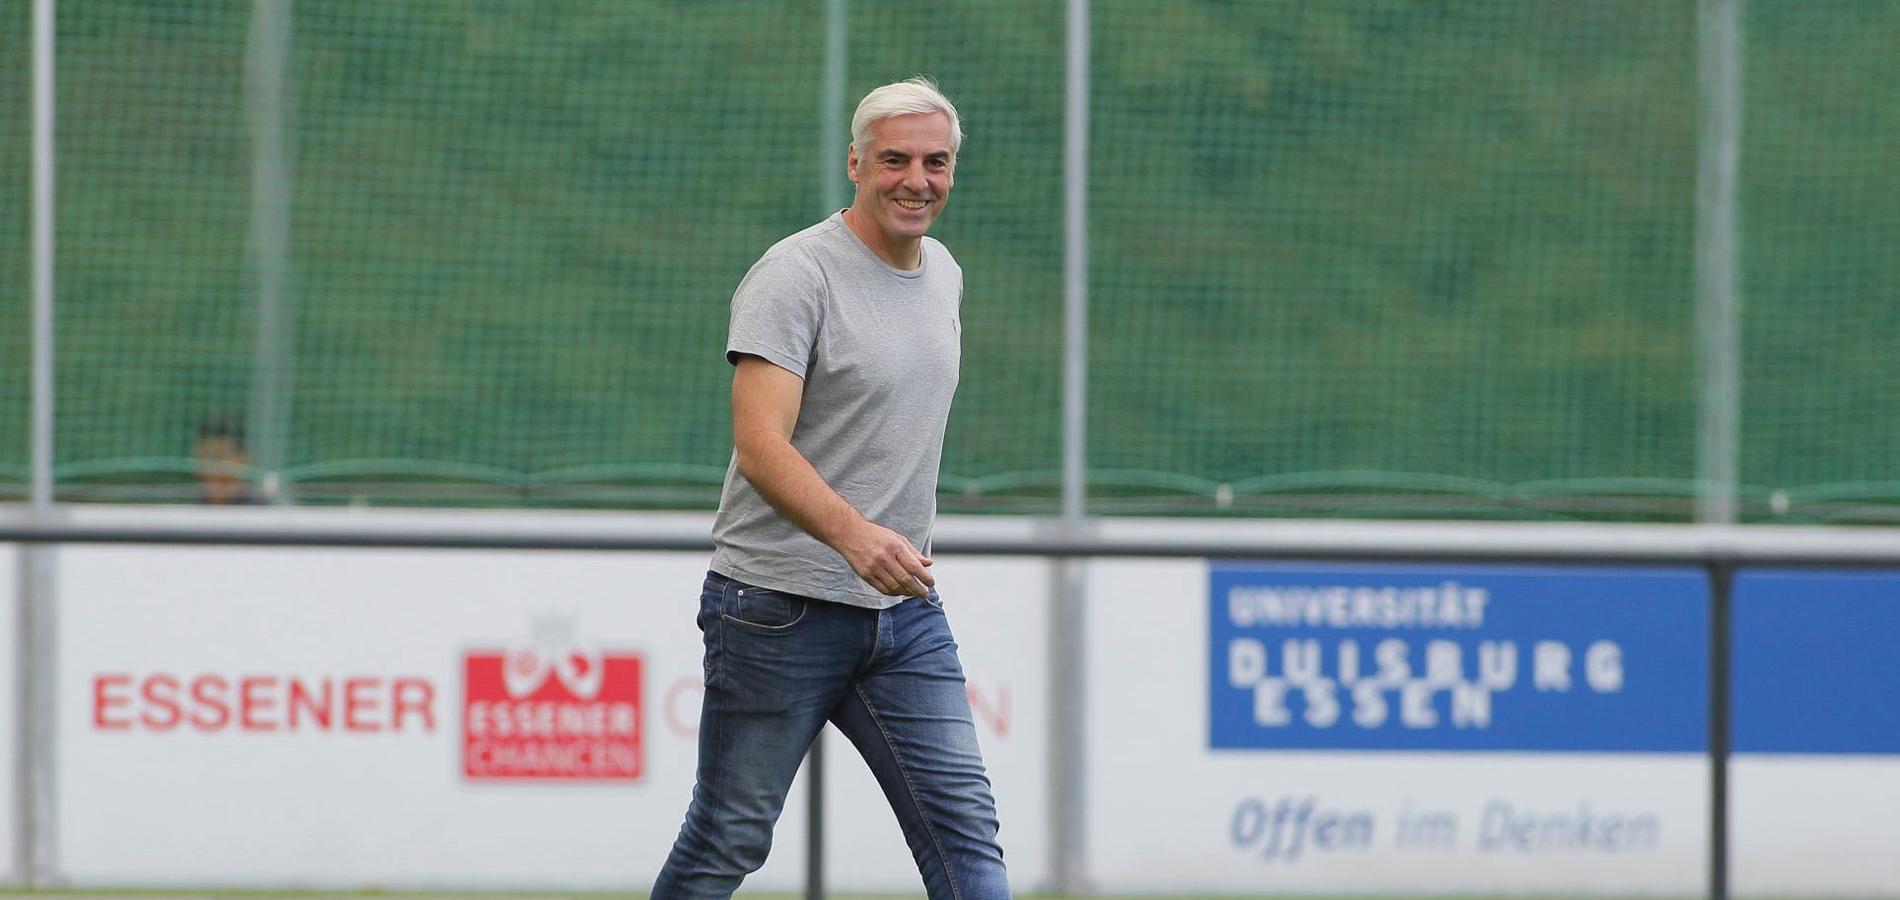 """Kurth: """"Wir gehen natürlich in die Auftaktpartie, um die ersten drei Punkte einzufahren."""" (Foto: Breilmannswiese)"""